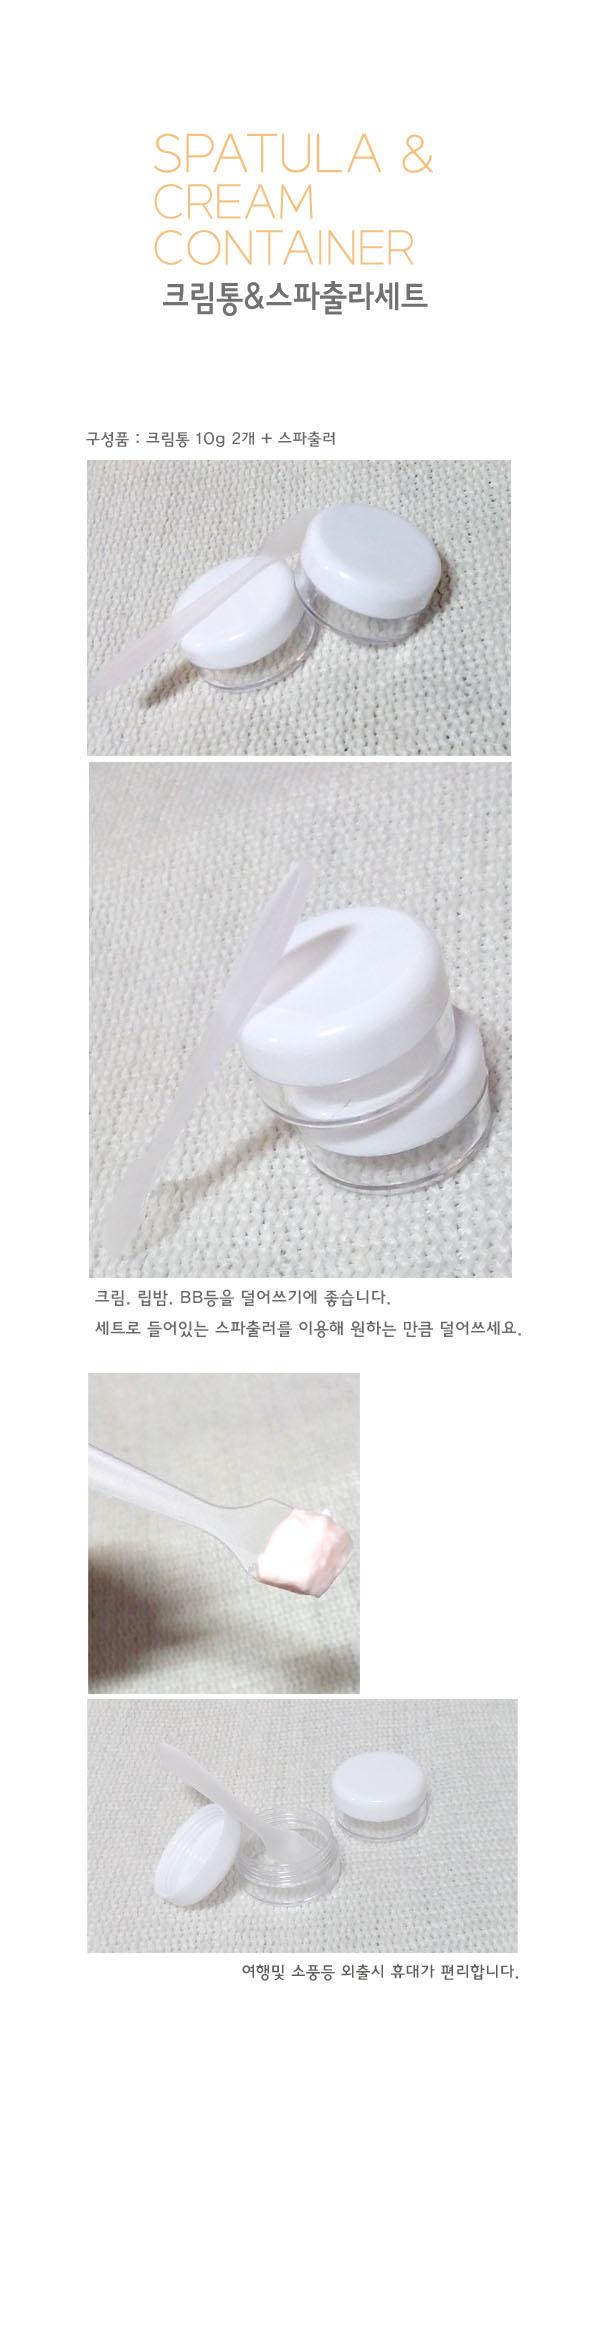 크림통용기 세트 - 유노디자인, 1,000원, 도구, 화장품공병